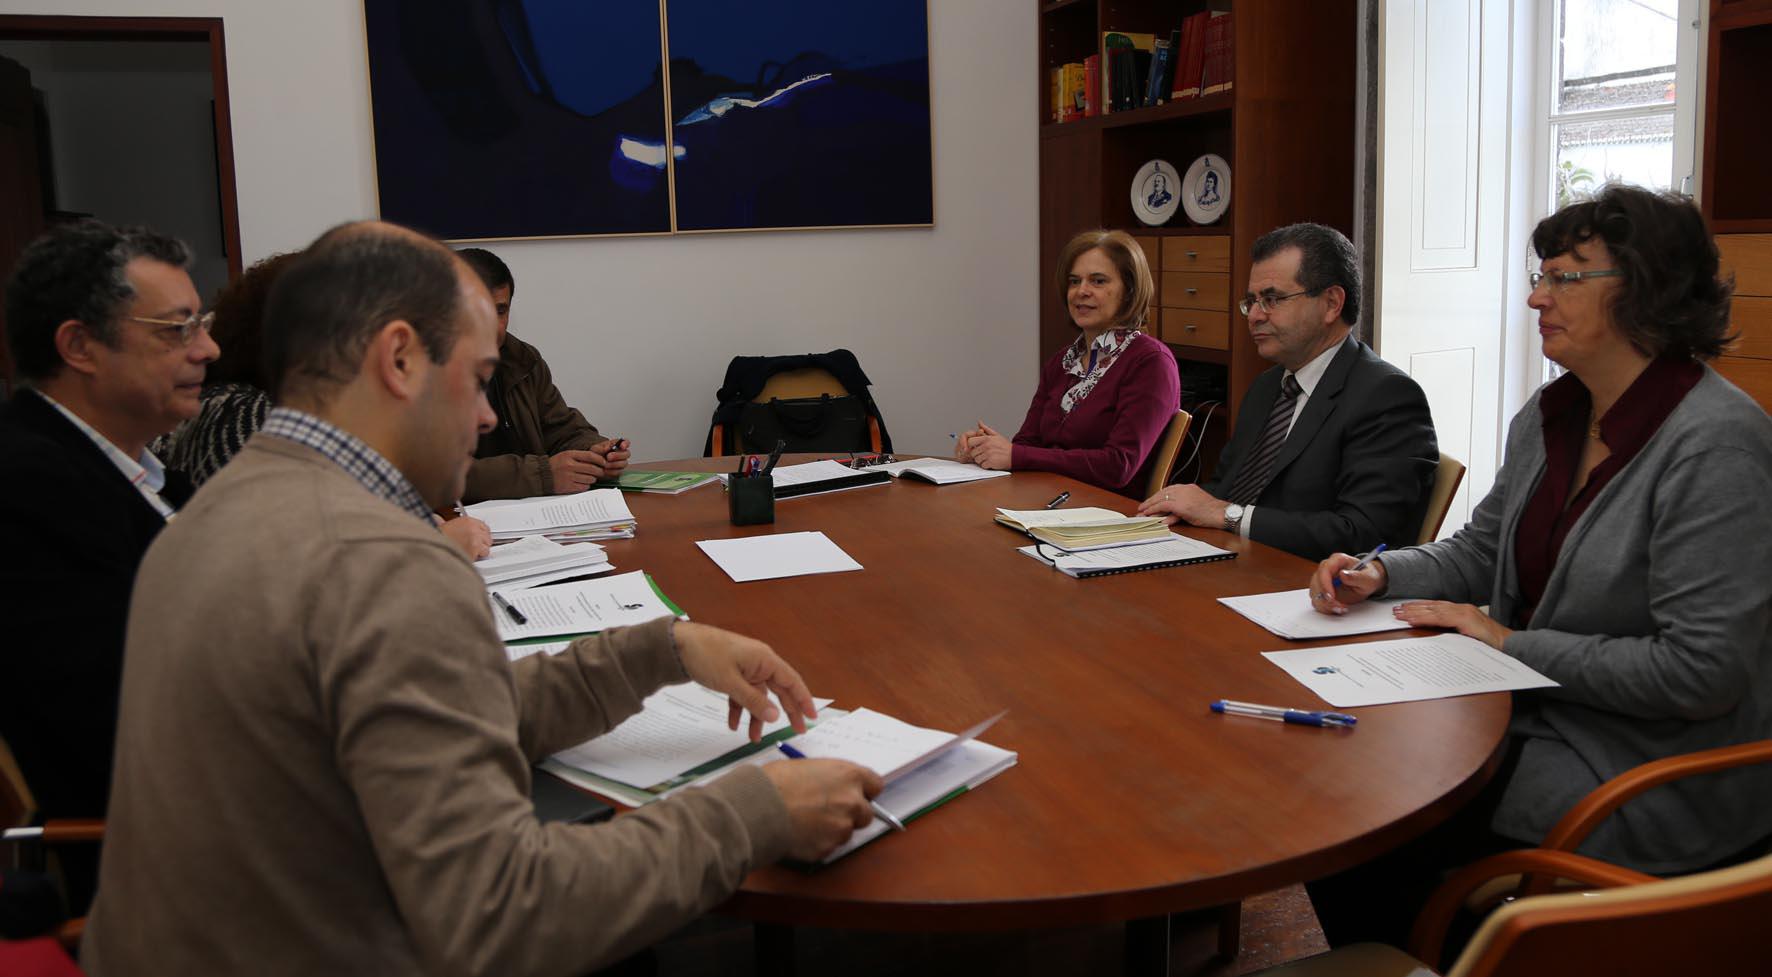 Avelino Meneses espera que nova avaliação dos docentes esteja em vigor no próximo ano letivo